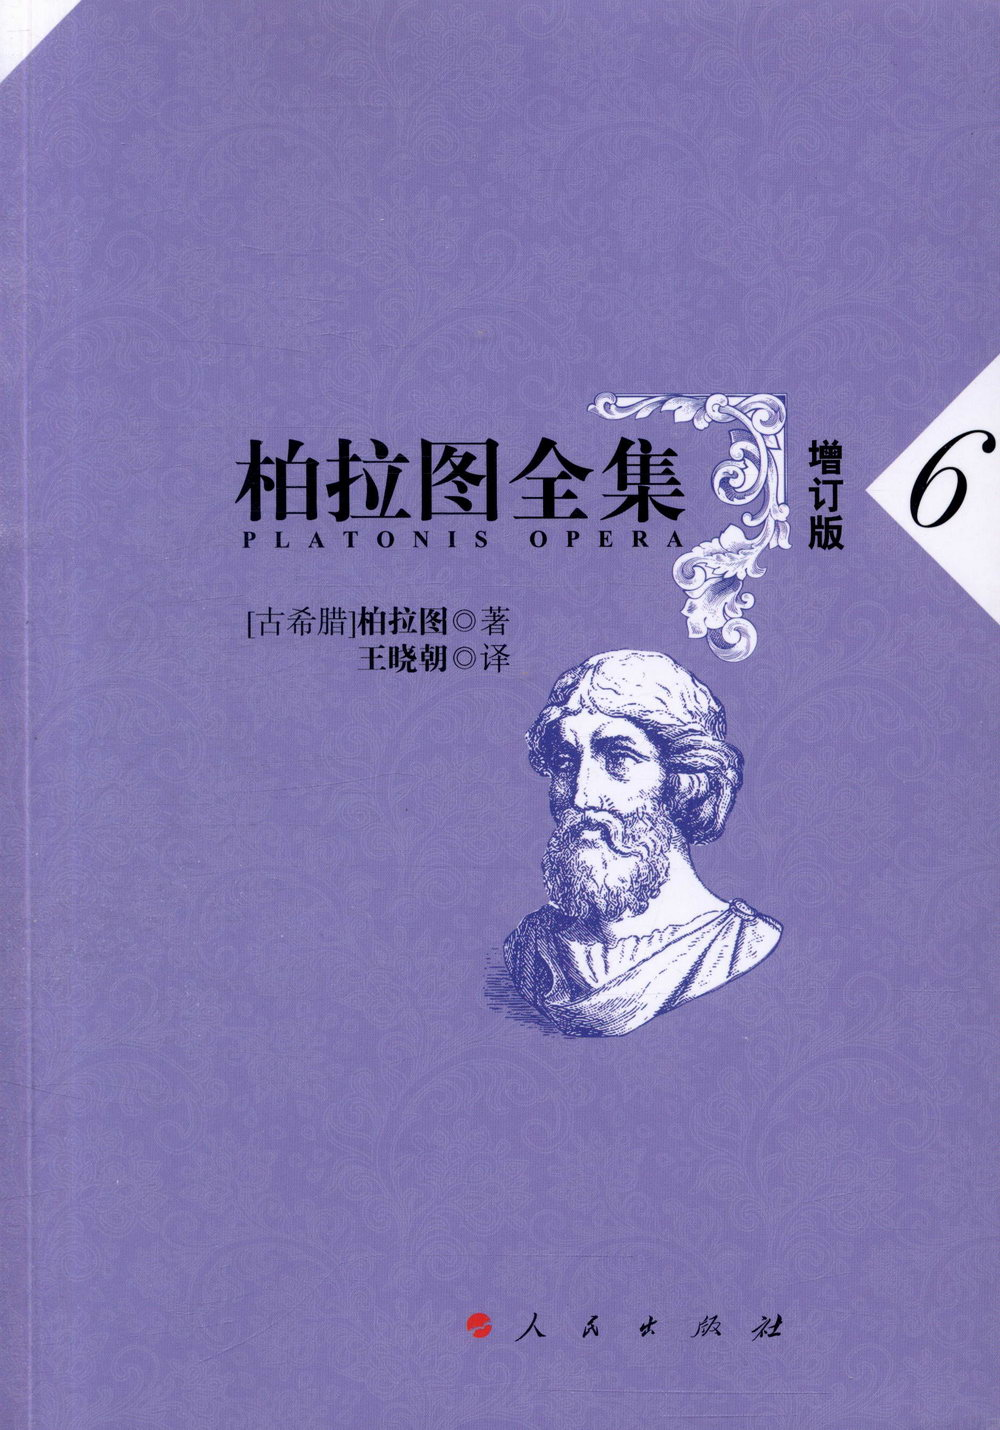 柏拉圖全集(增訂版)